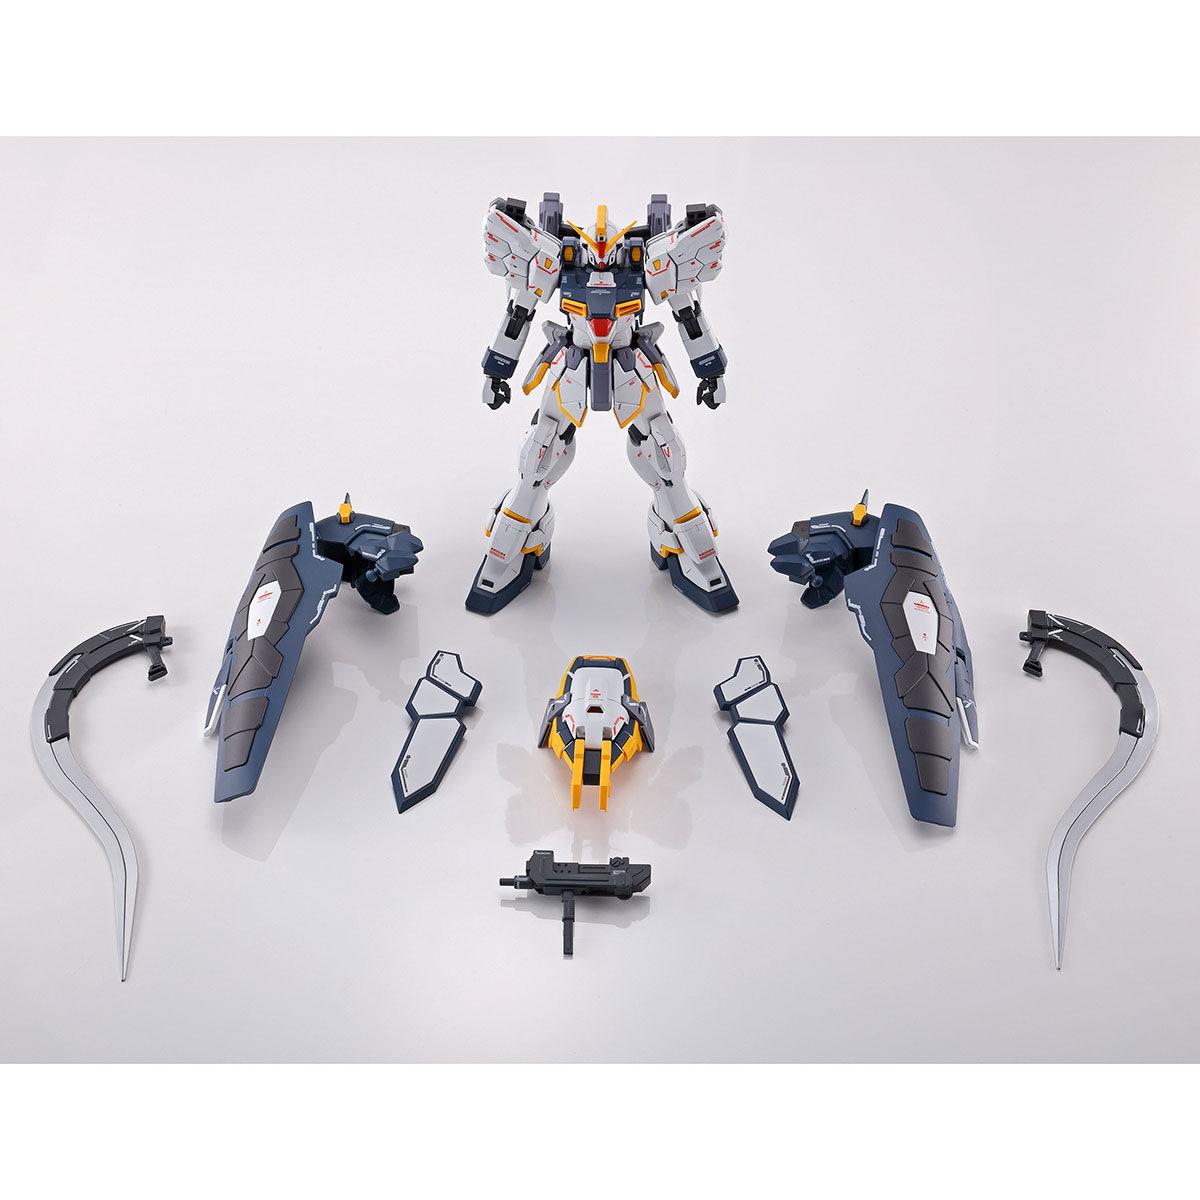 【限定販売】MG 1/100『ガンダムサンドロックEW(アーマディロ装備)』ガンダムW プラモデル-008